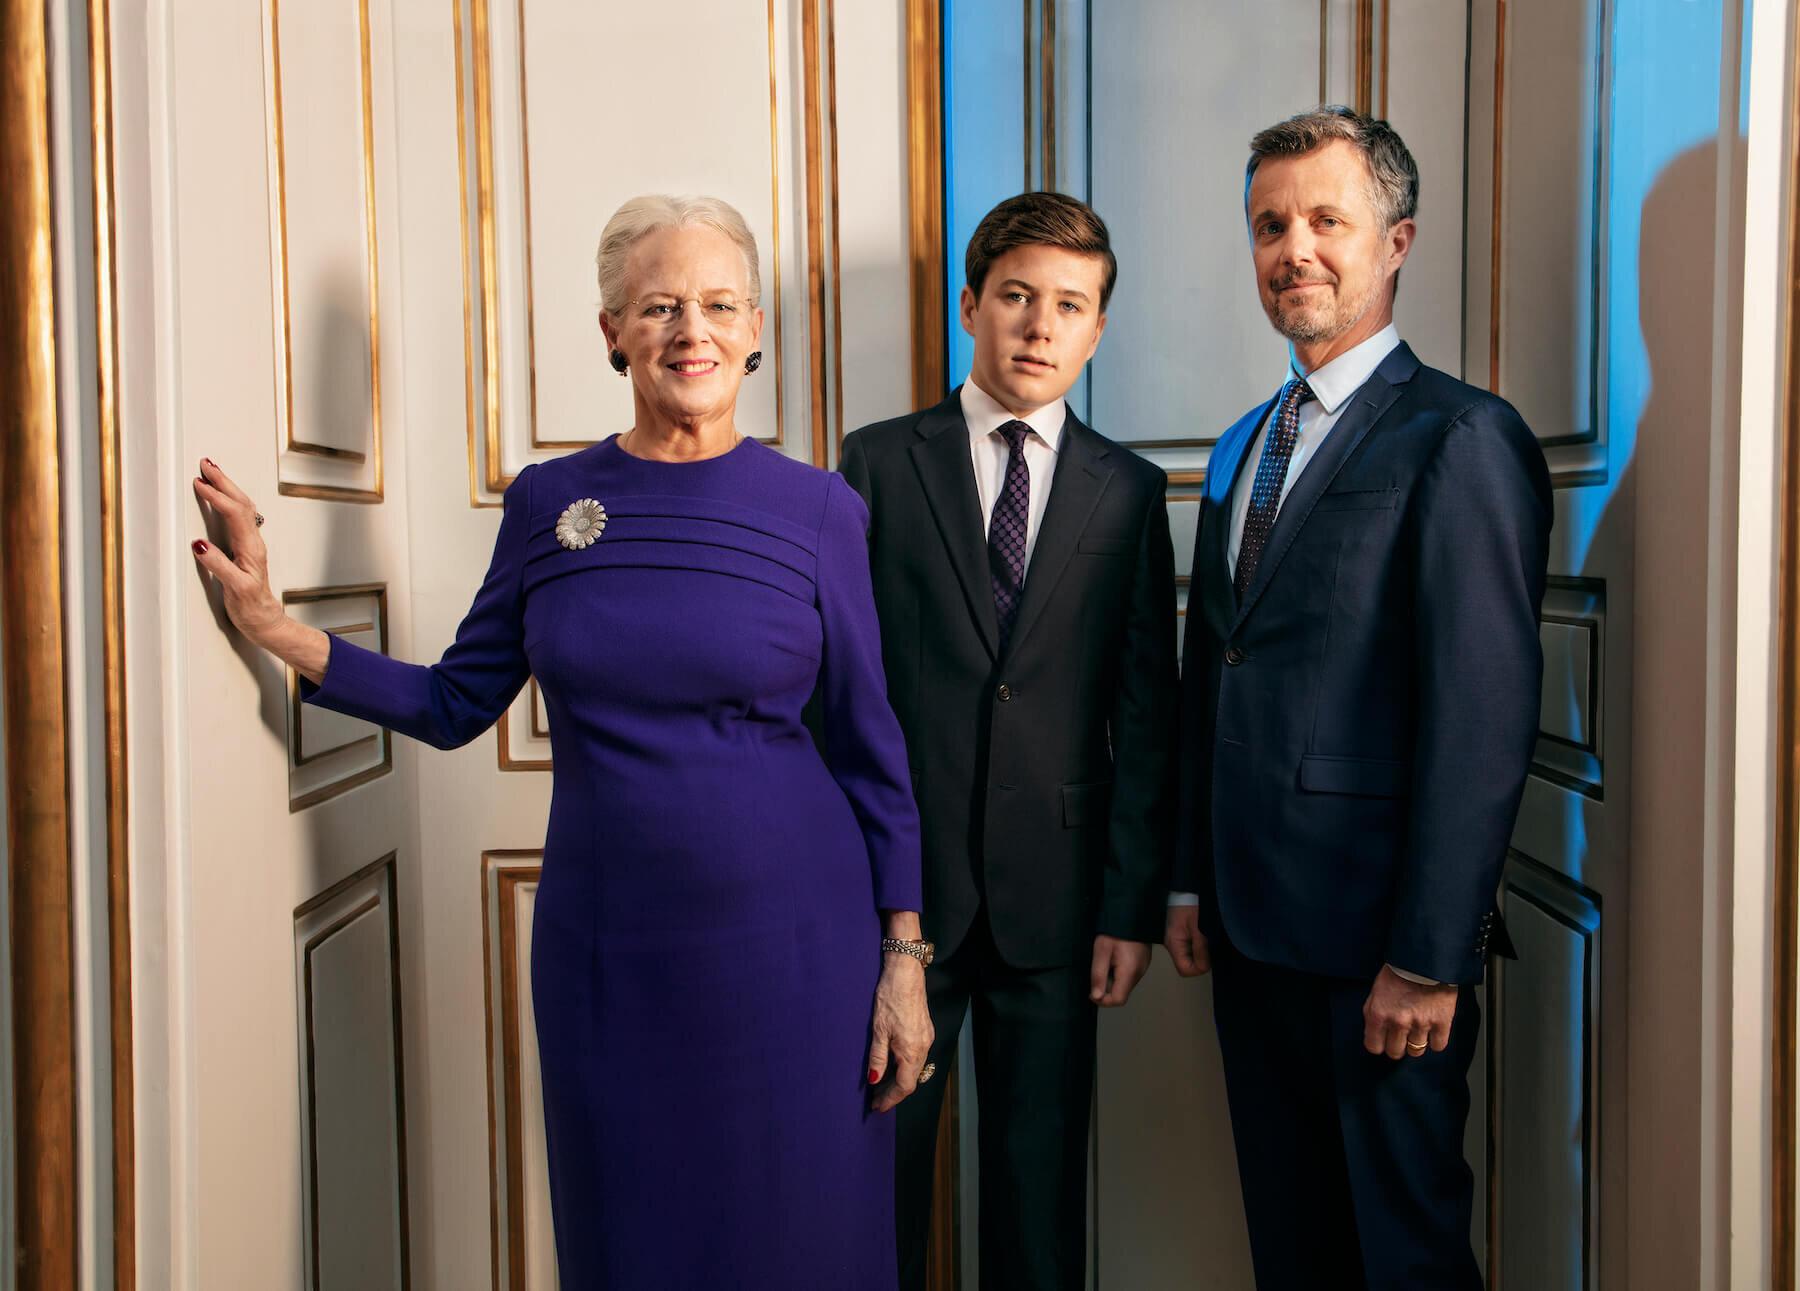 Kronprinz Frederik und Prinz Christian stehen als Thronfolger schon bereit. Königin Margrethe denkt aber gar nicht daran, abzudanken.  © Per Morten Abrahamsen / Danske Kongehus